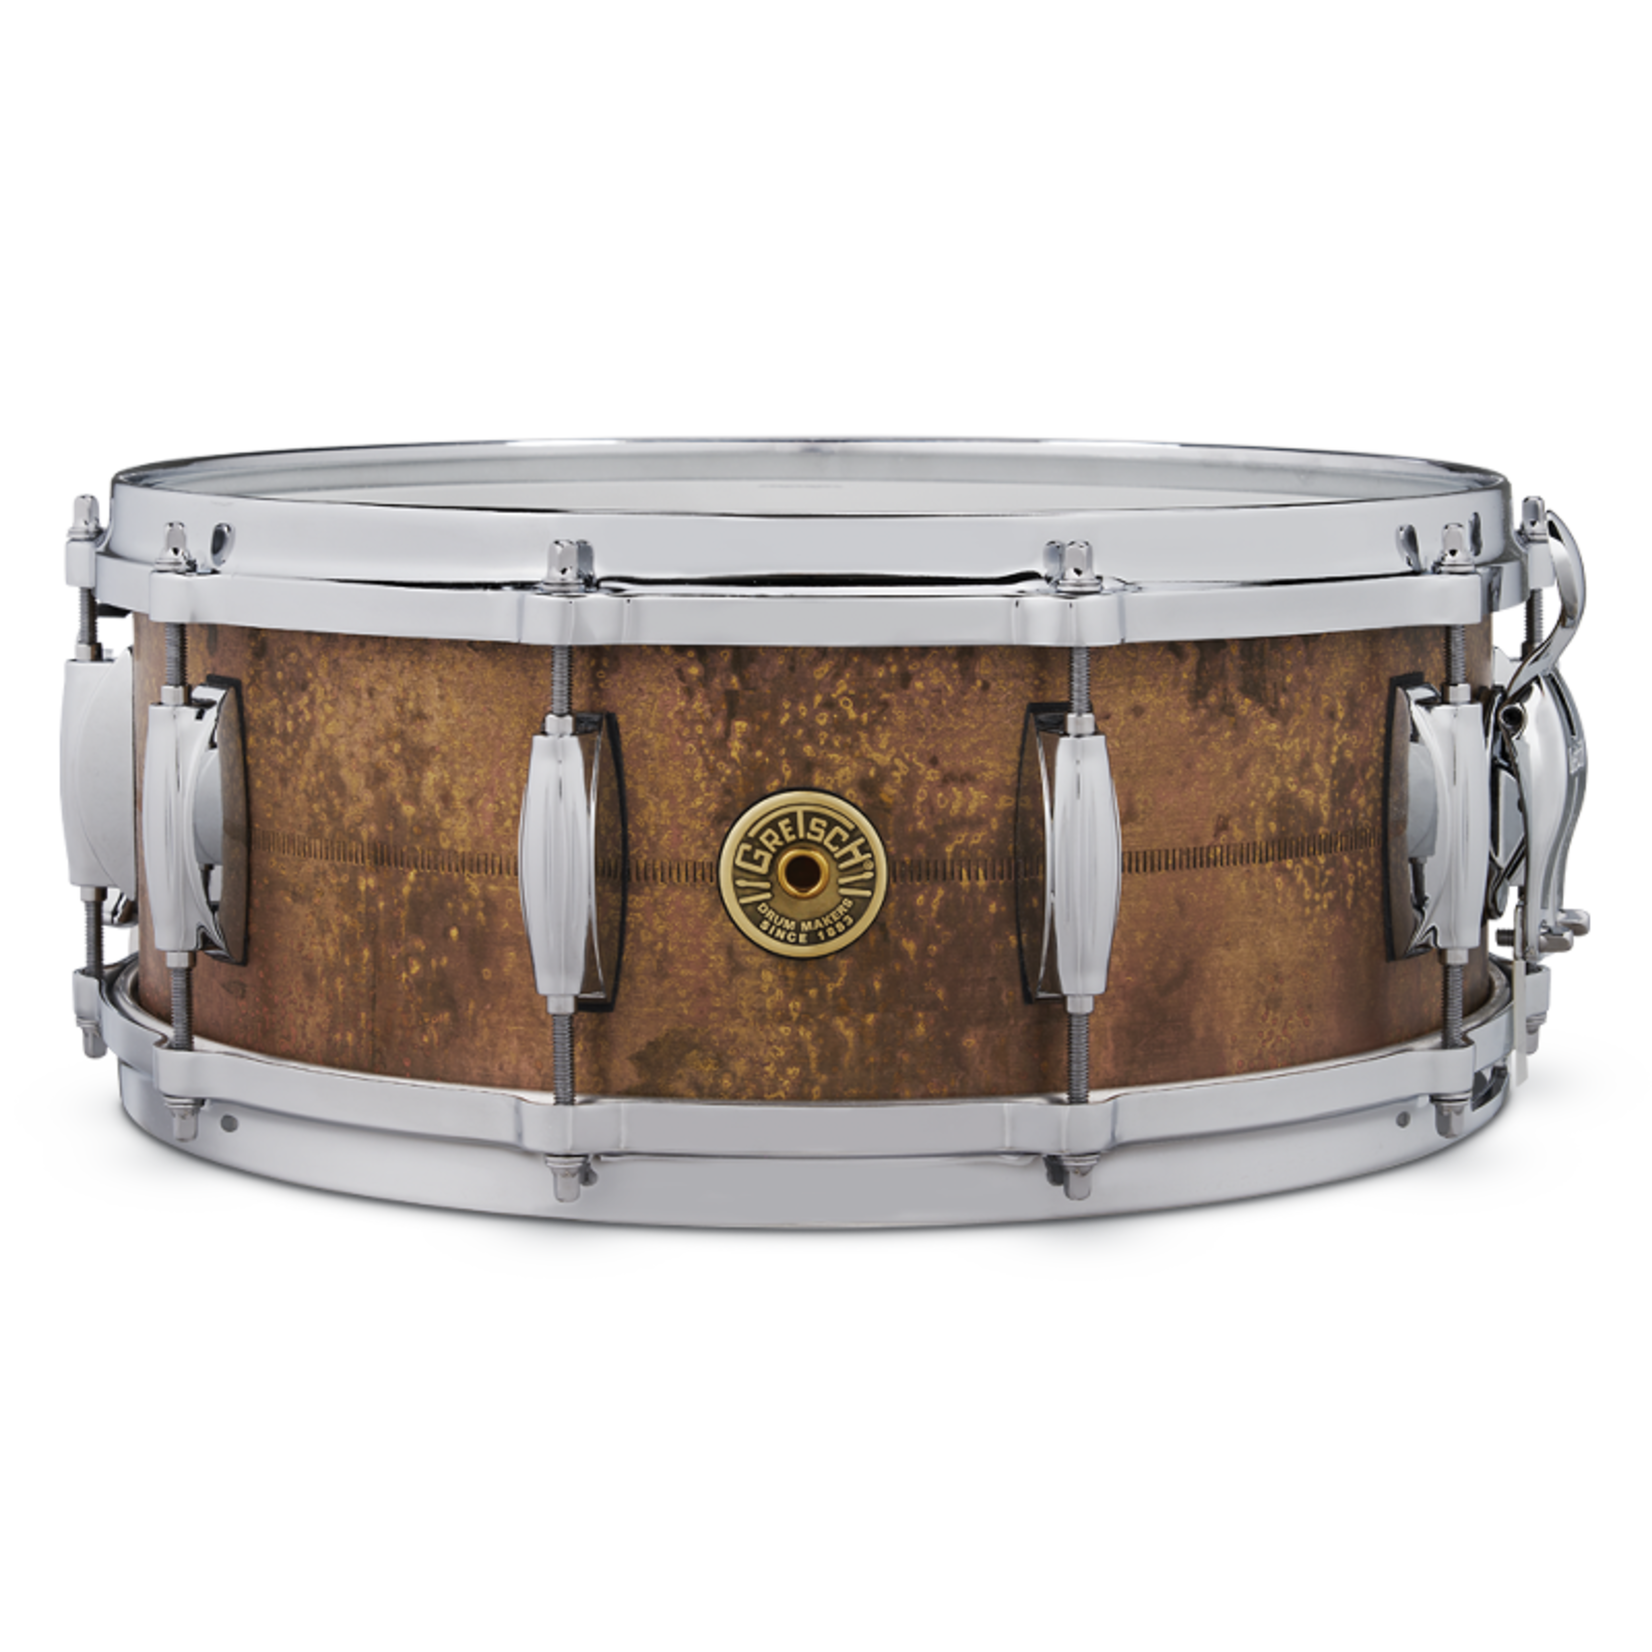 Gretsch Gretsch 5.5X14 Keith Carlock Artist Signature Snare Drum